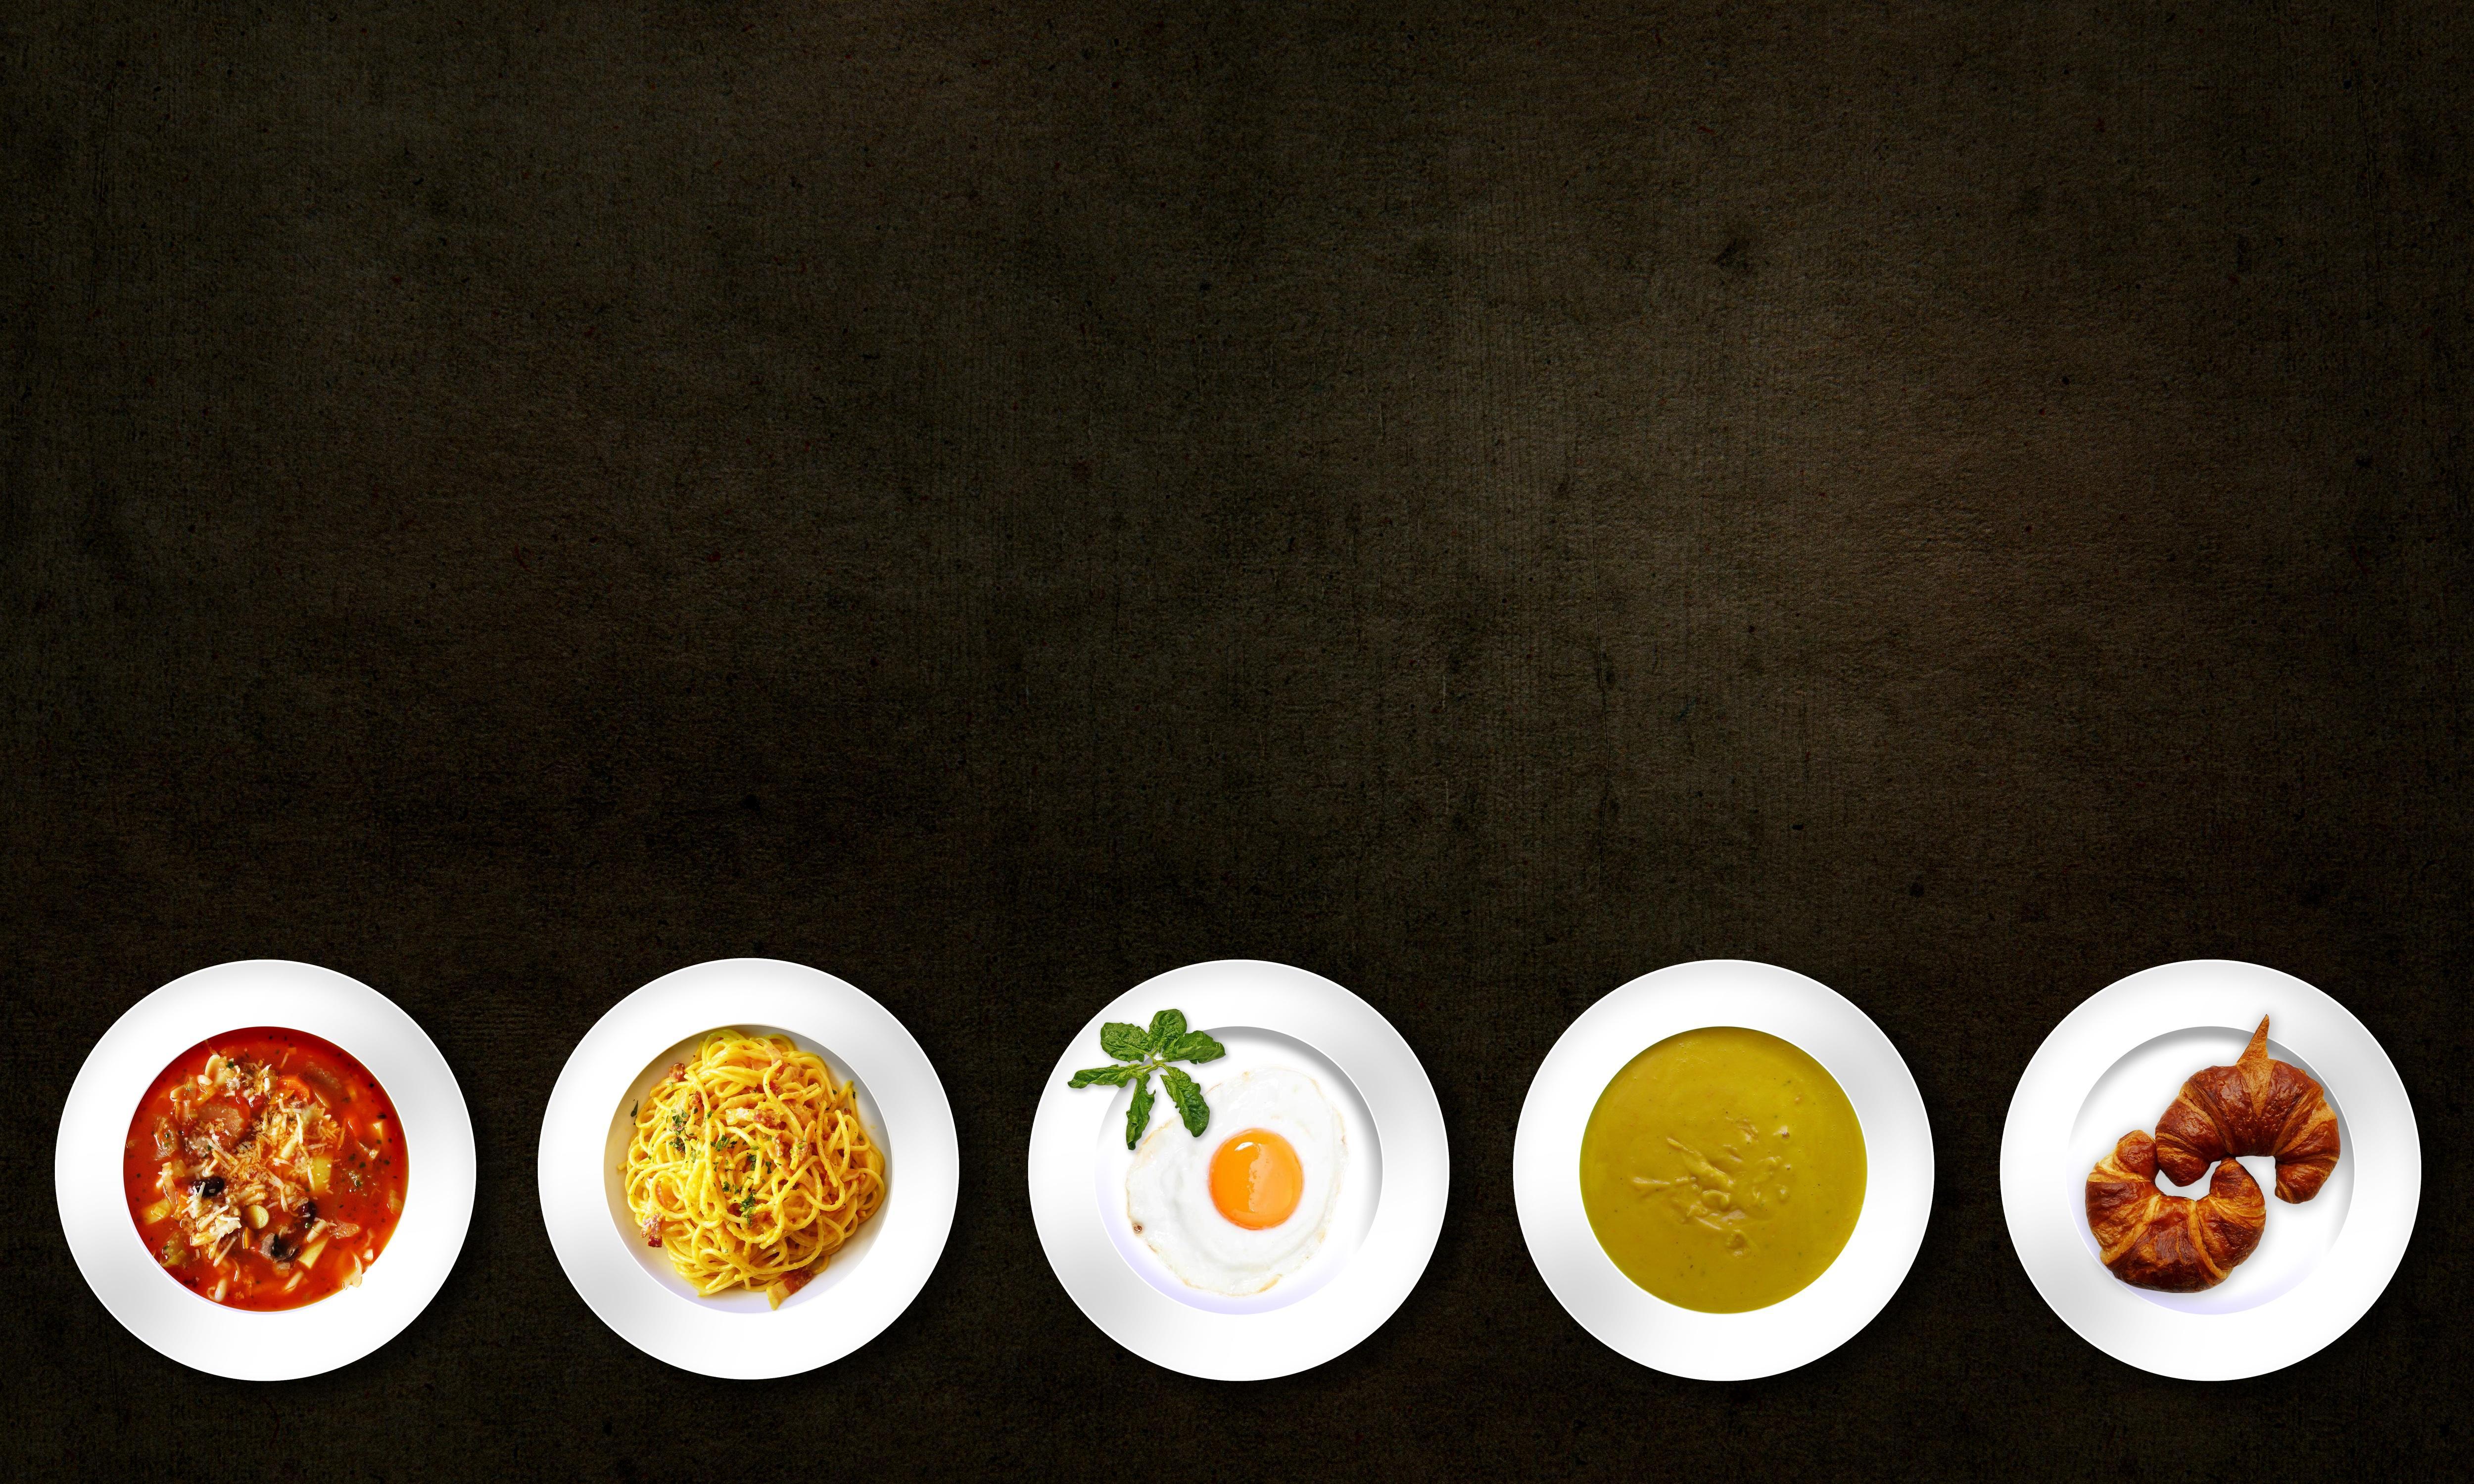 Eating Disorder Seminar